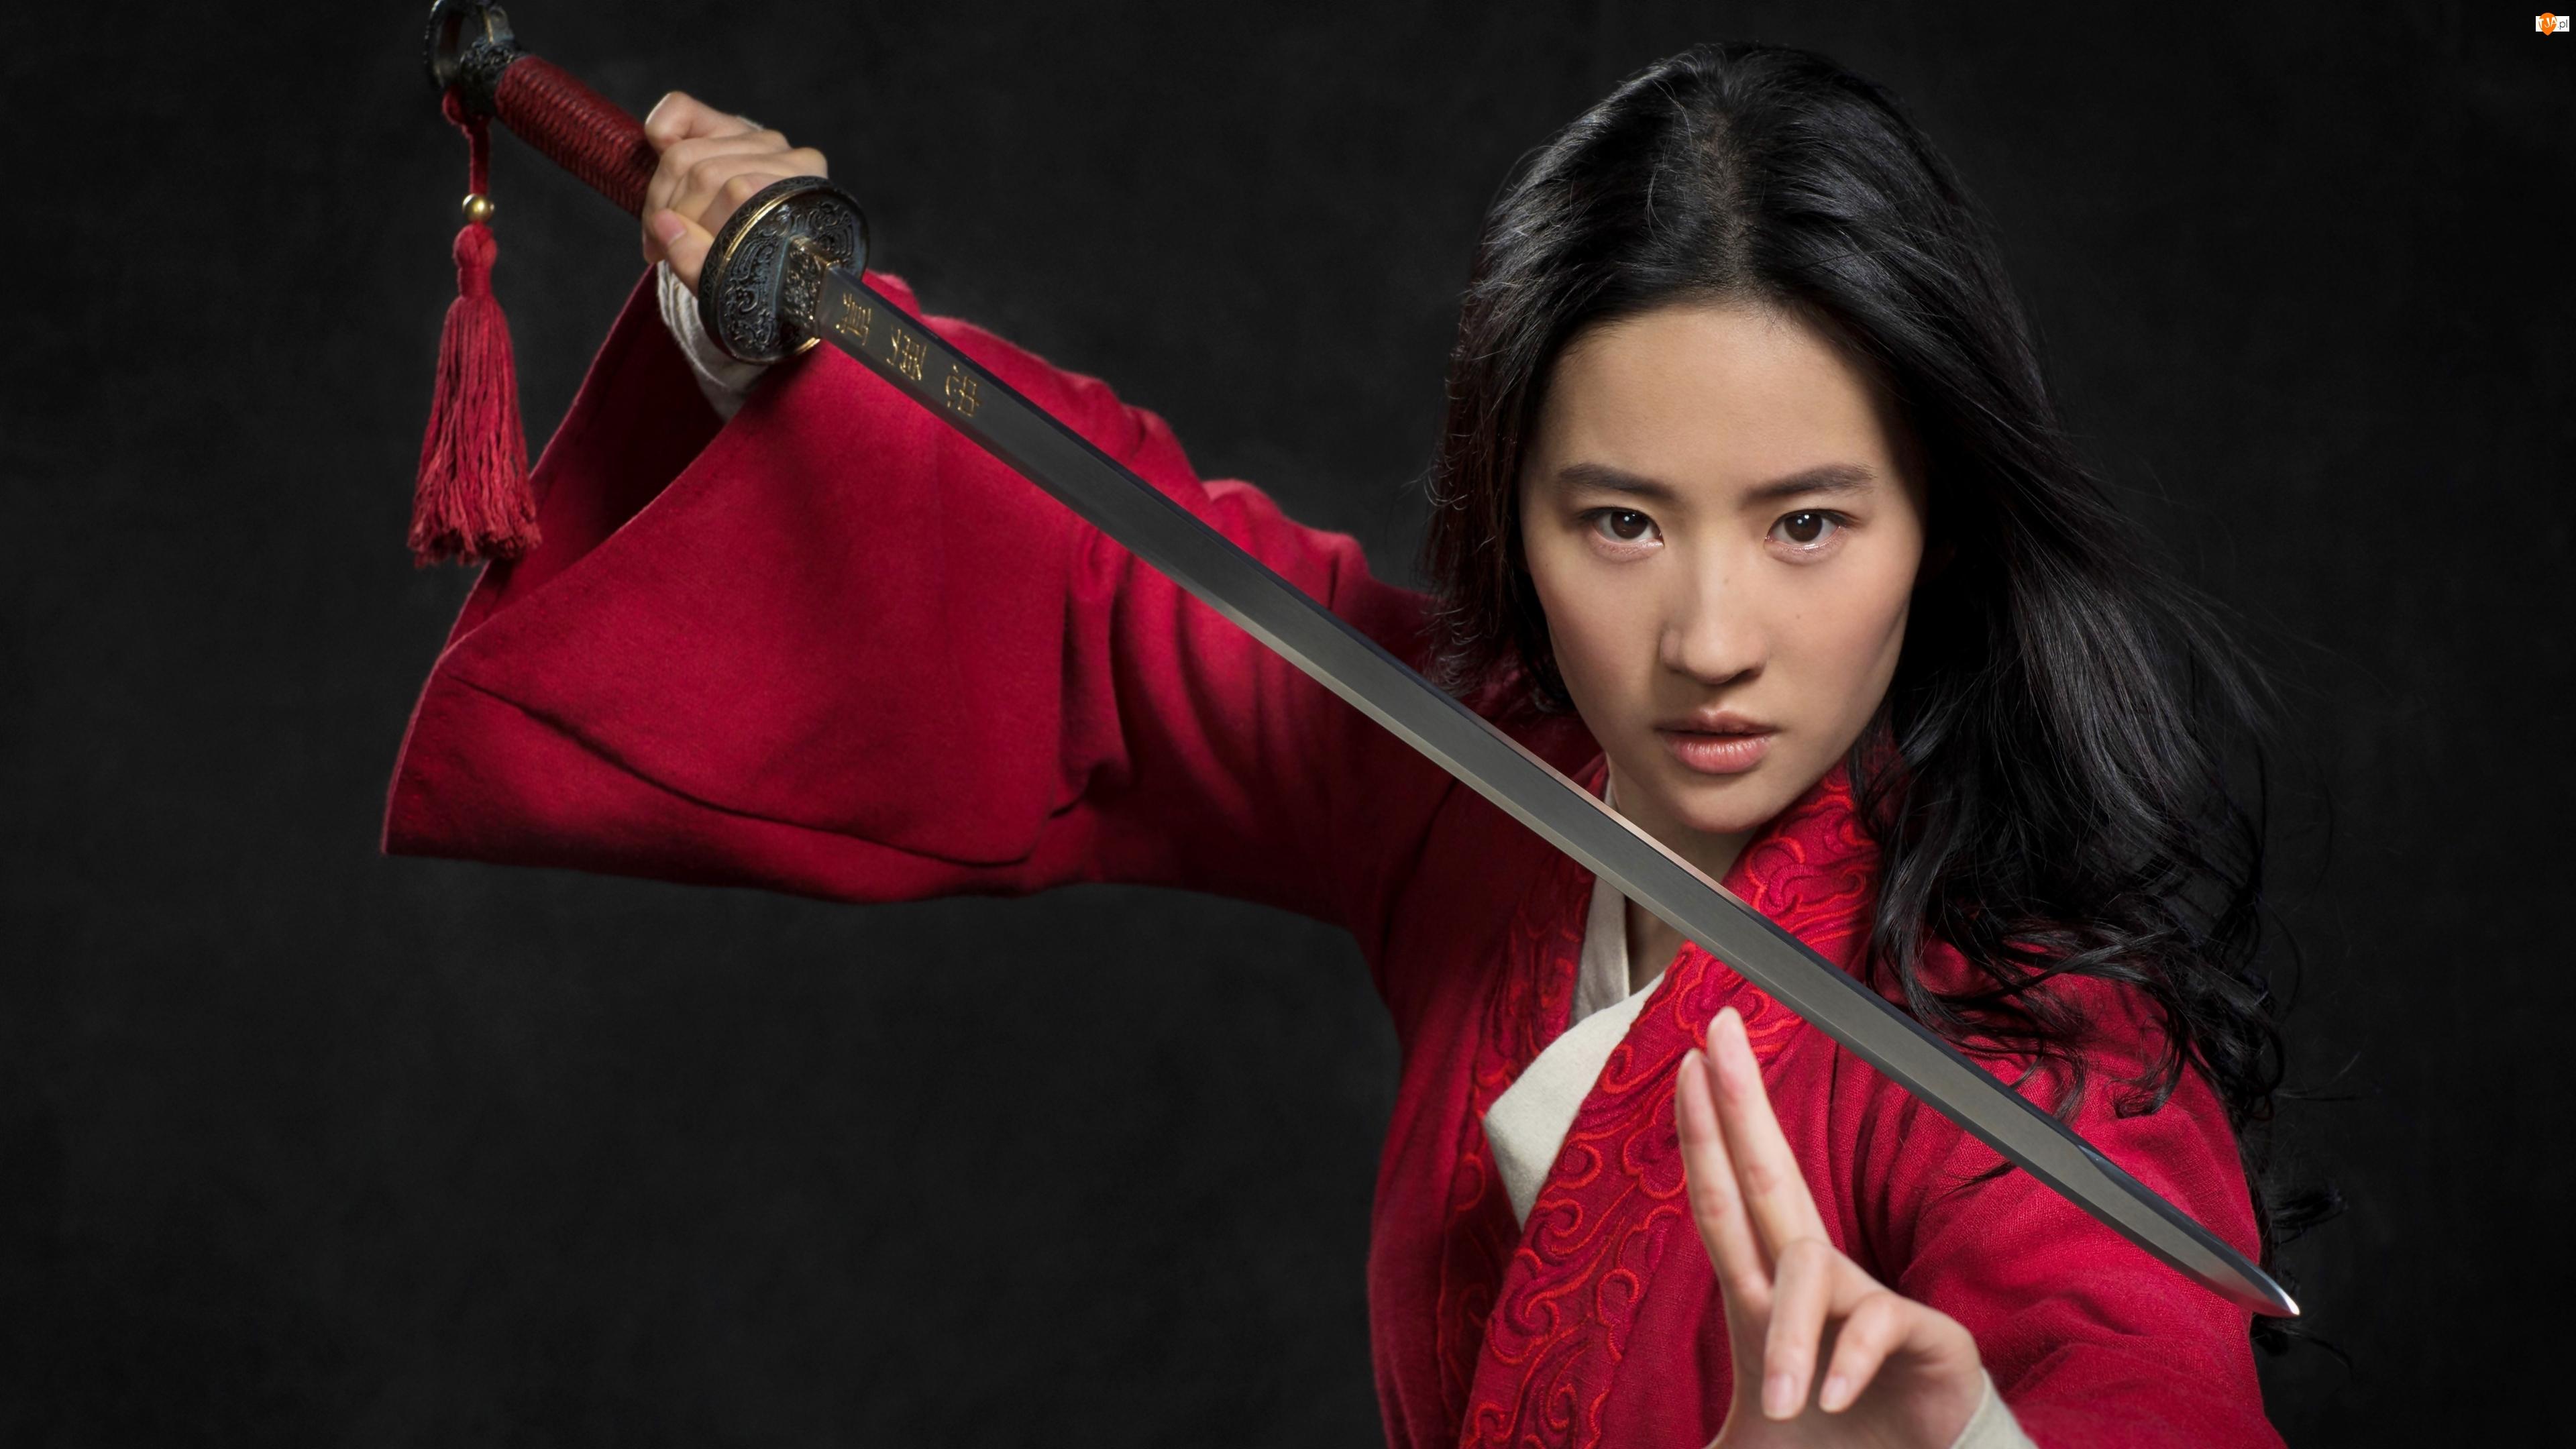 Aktorka, Broń, Mulan, Film, Liu Yifei